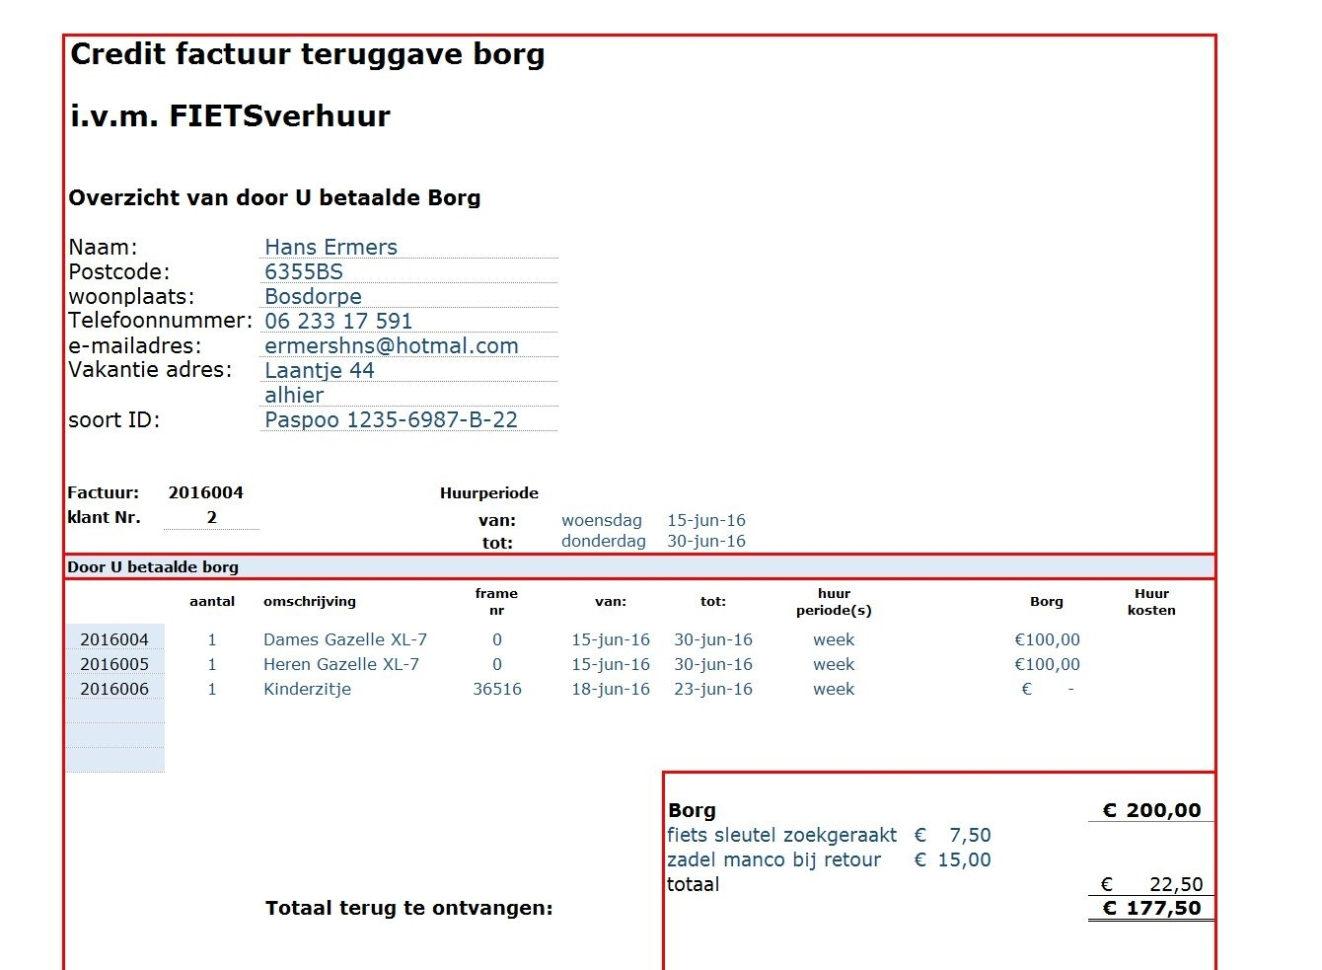 Excel Spreadsheet Maken With Verhuur Voorbeelden Excel Spreadsheet.nl Binnen Credit Factuur Maken